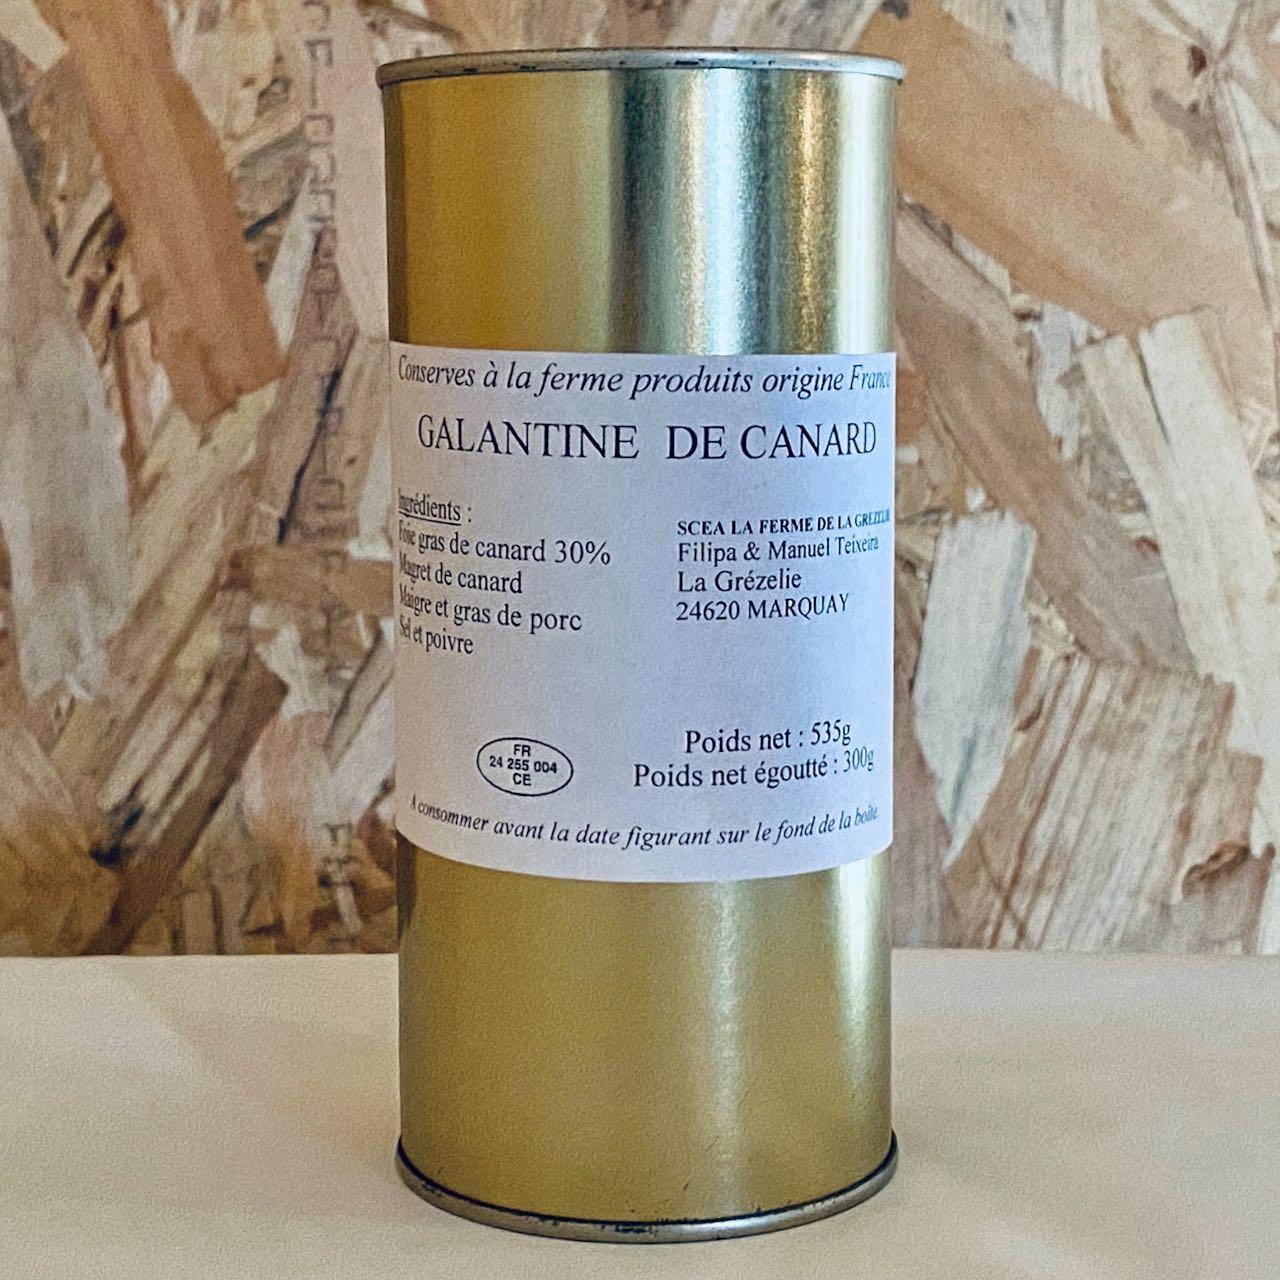 Galantine au foie gras de canard